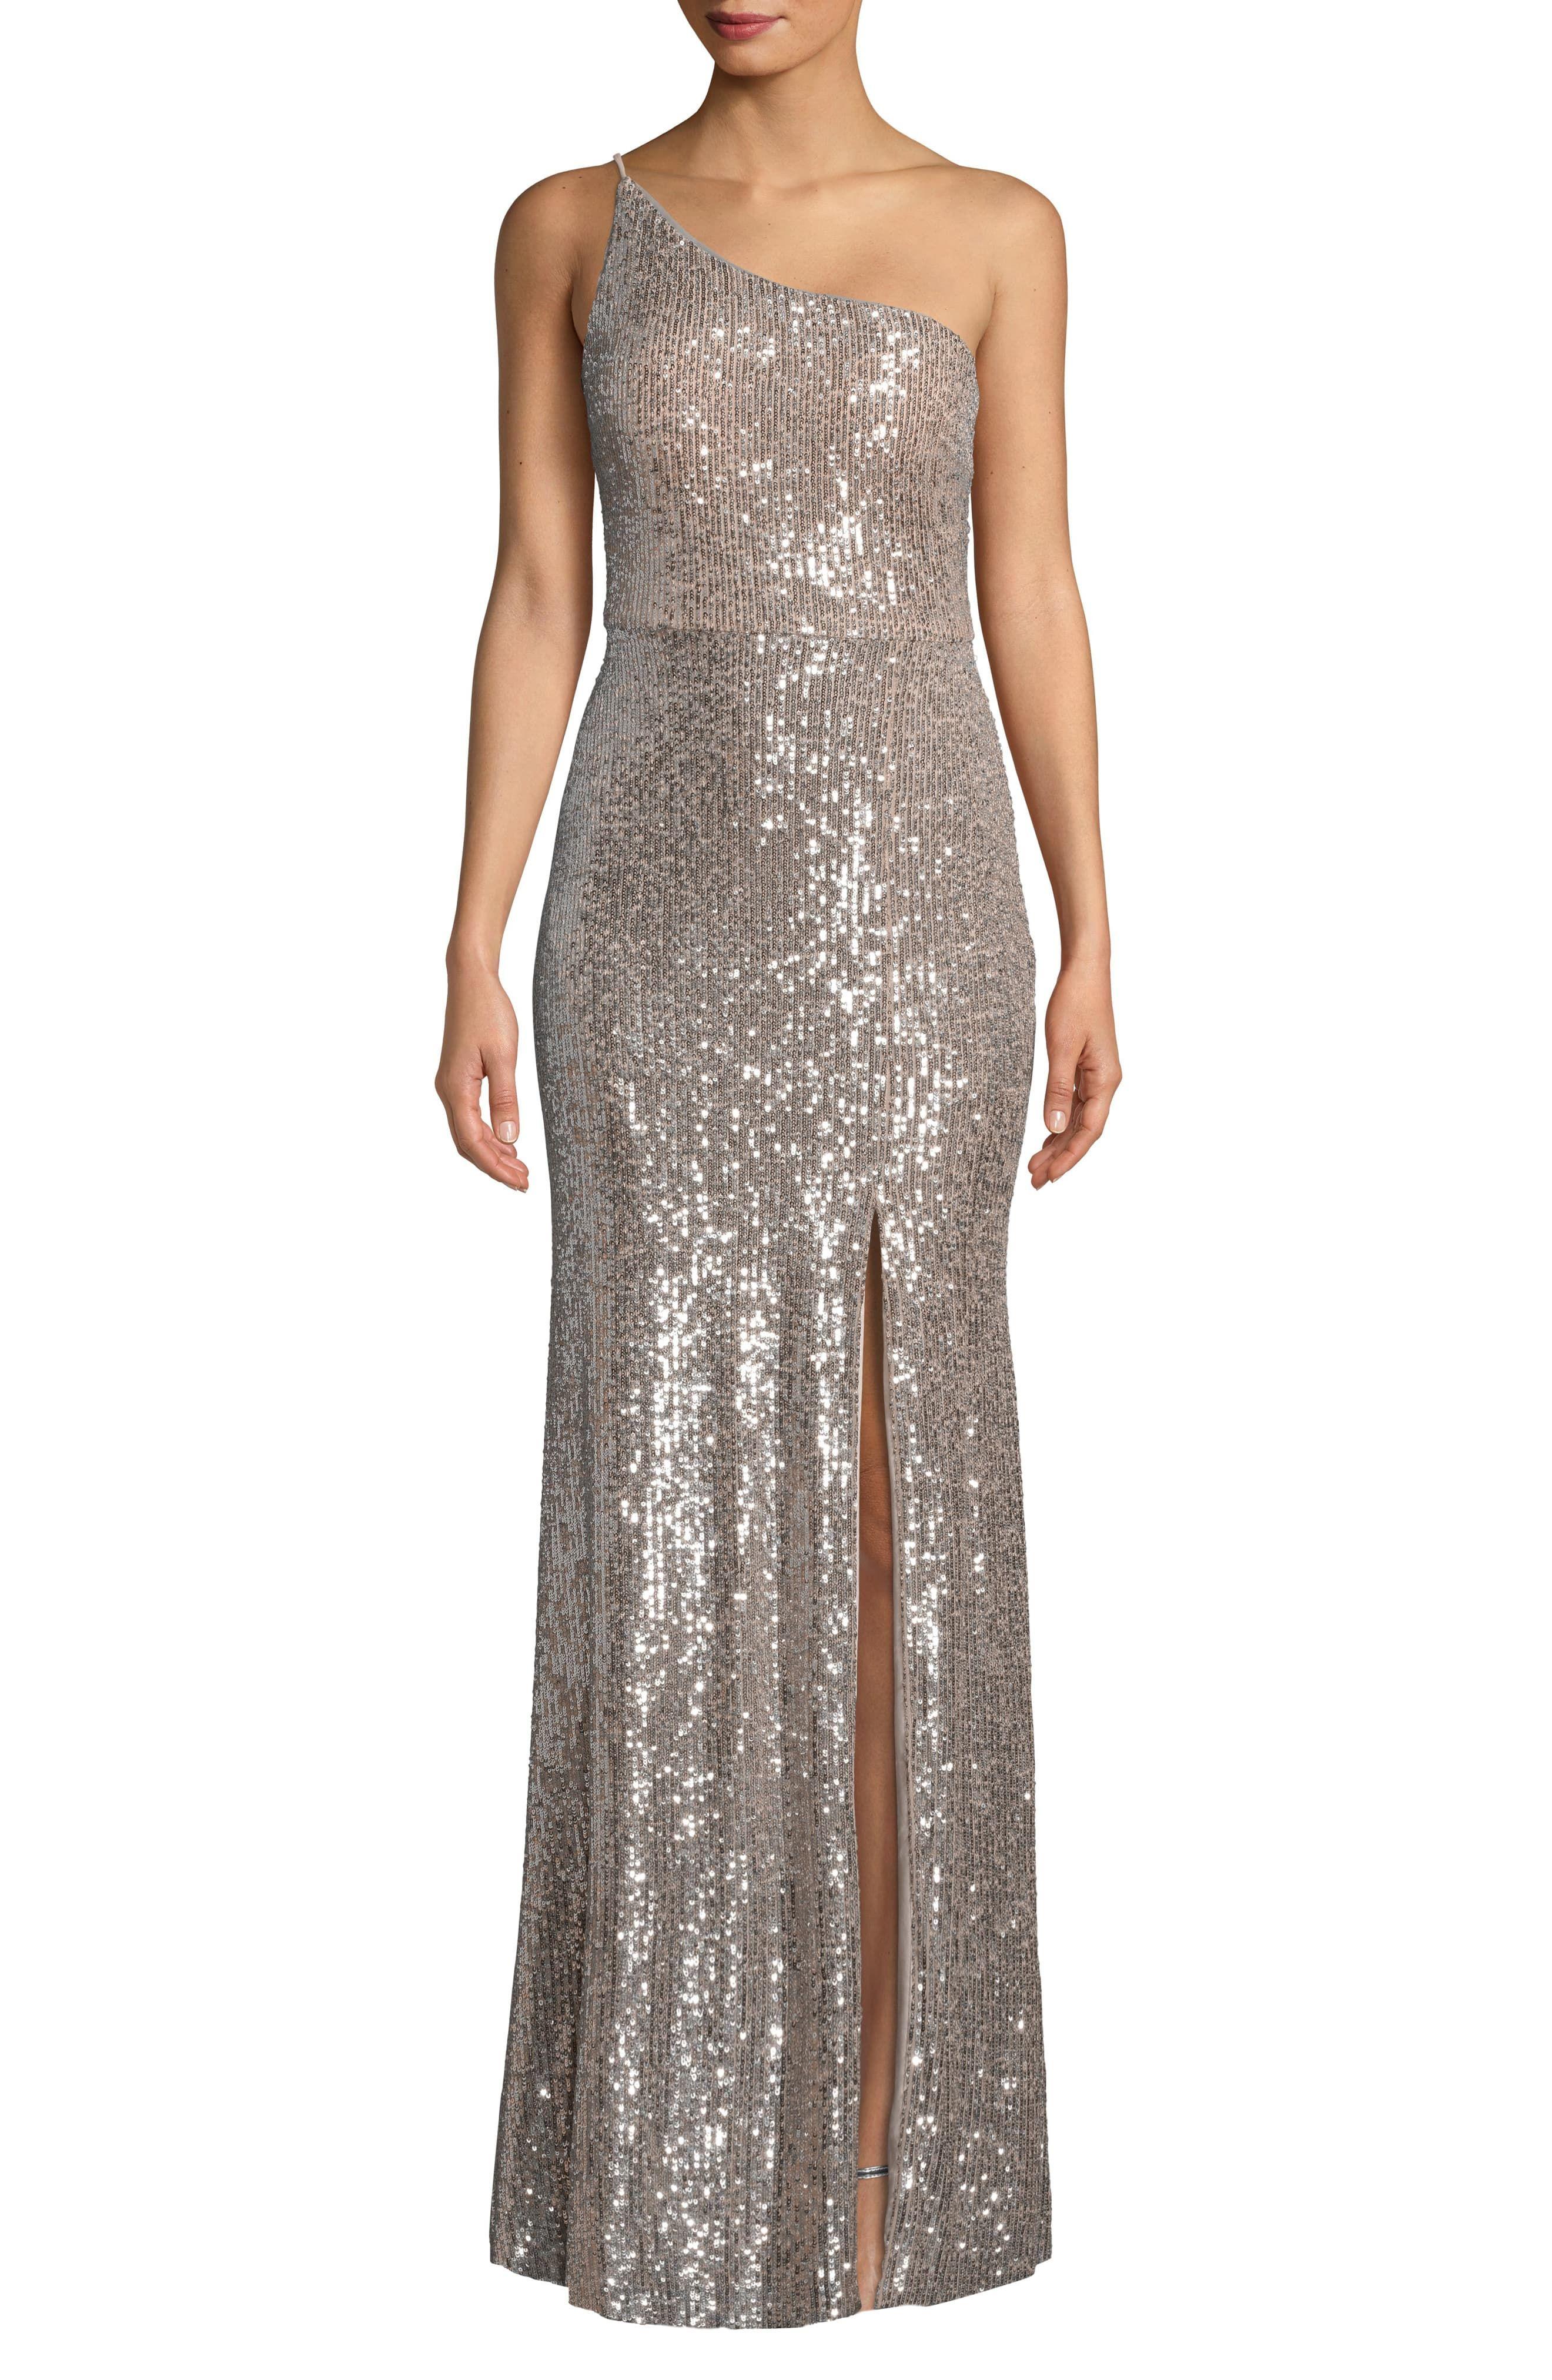 39++ One shoulder sequined dress information